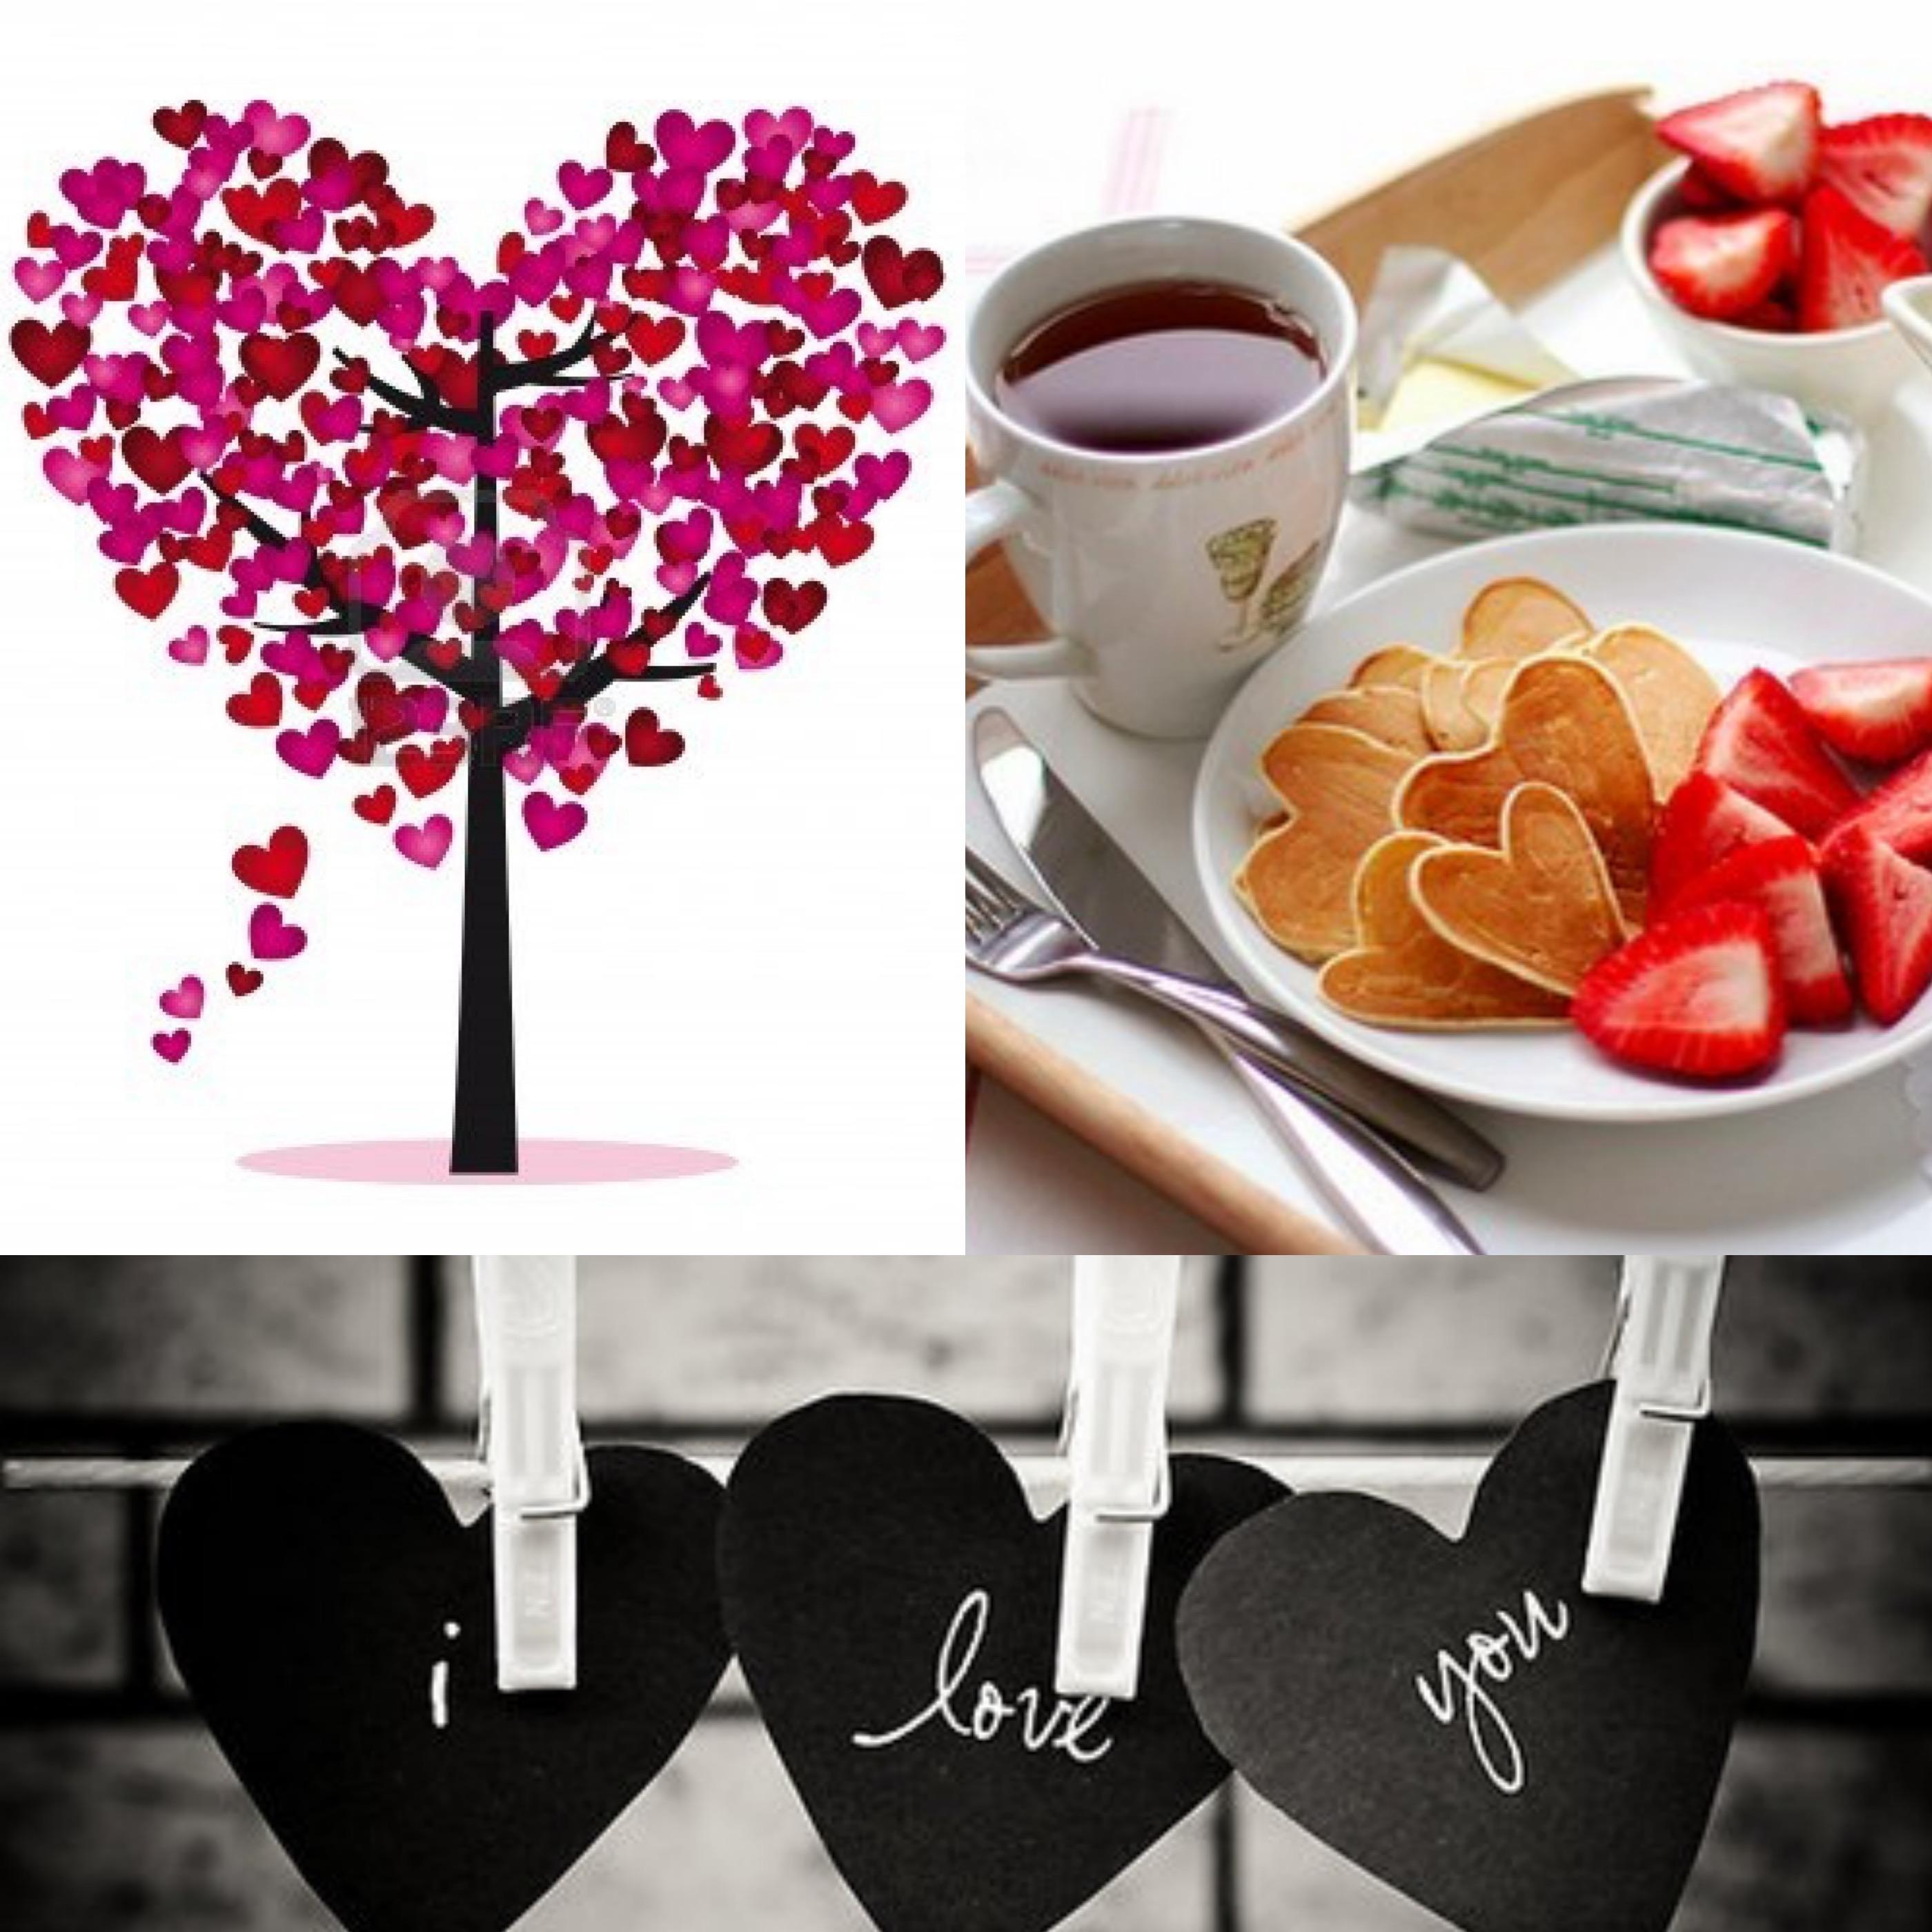 Sorprese San Valentino Per Lei idee originali sorprese san valentino 2015 per lui | donne